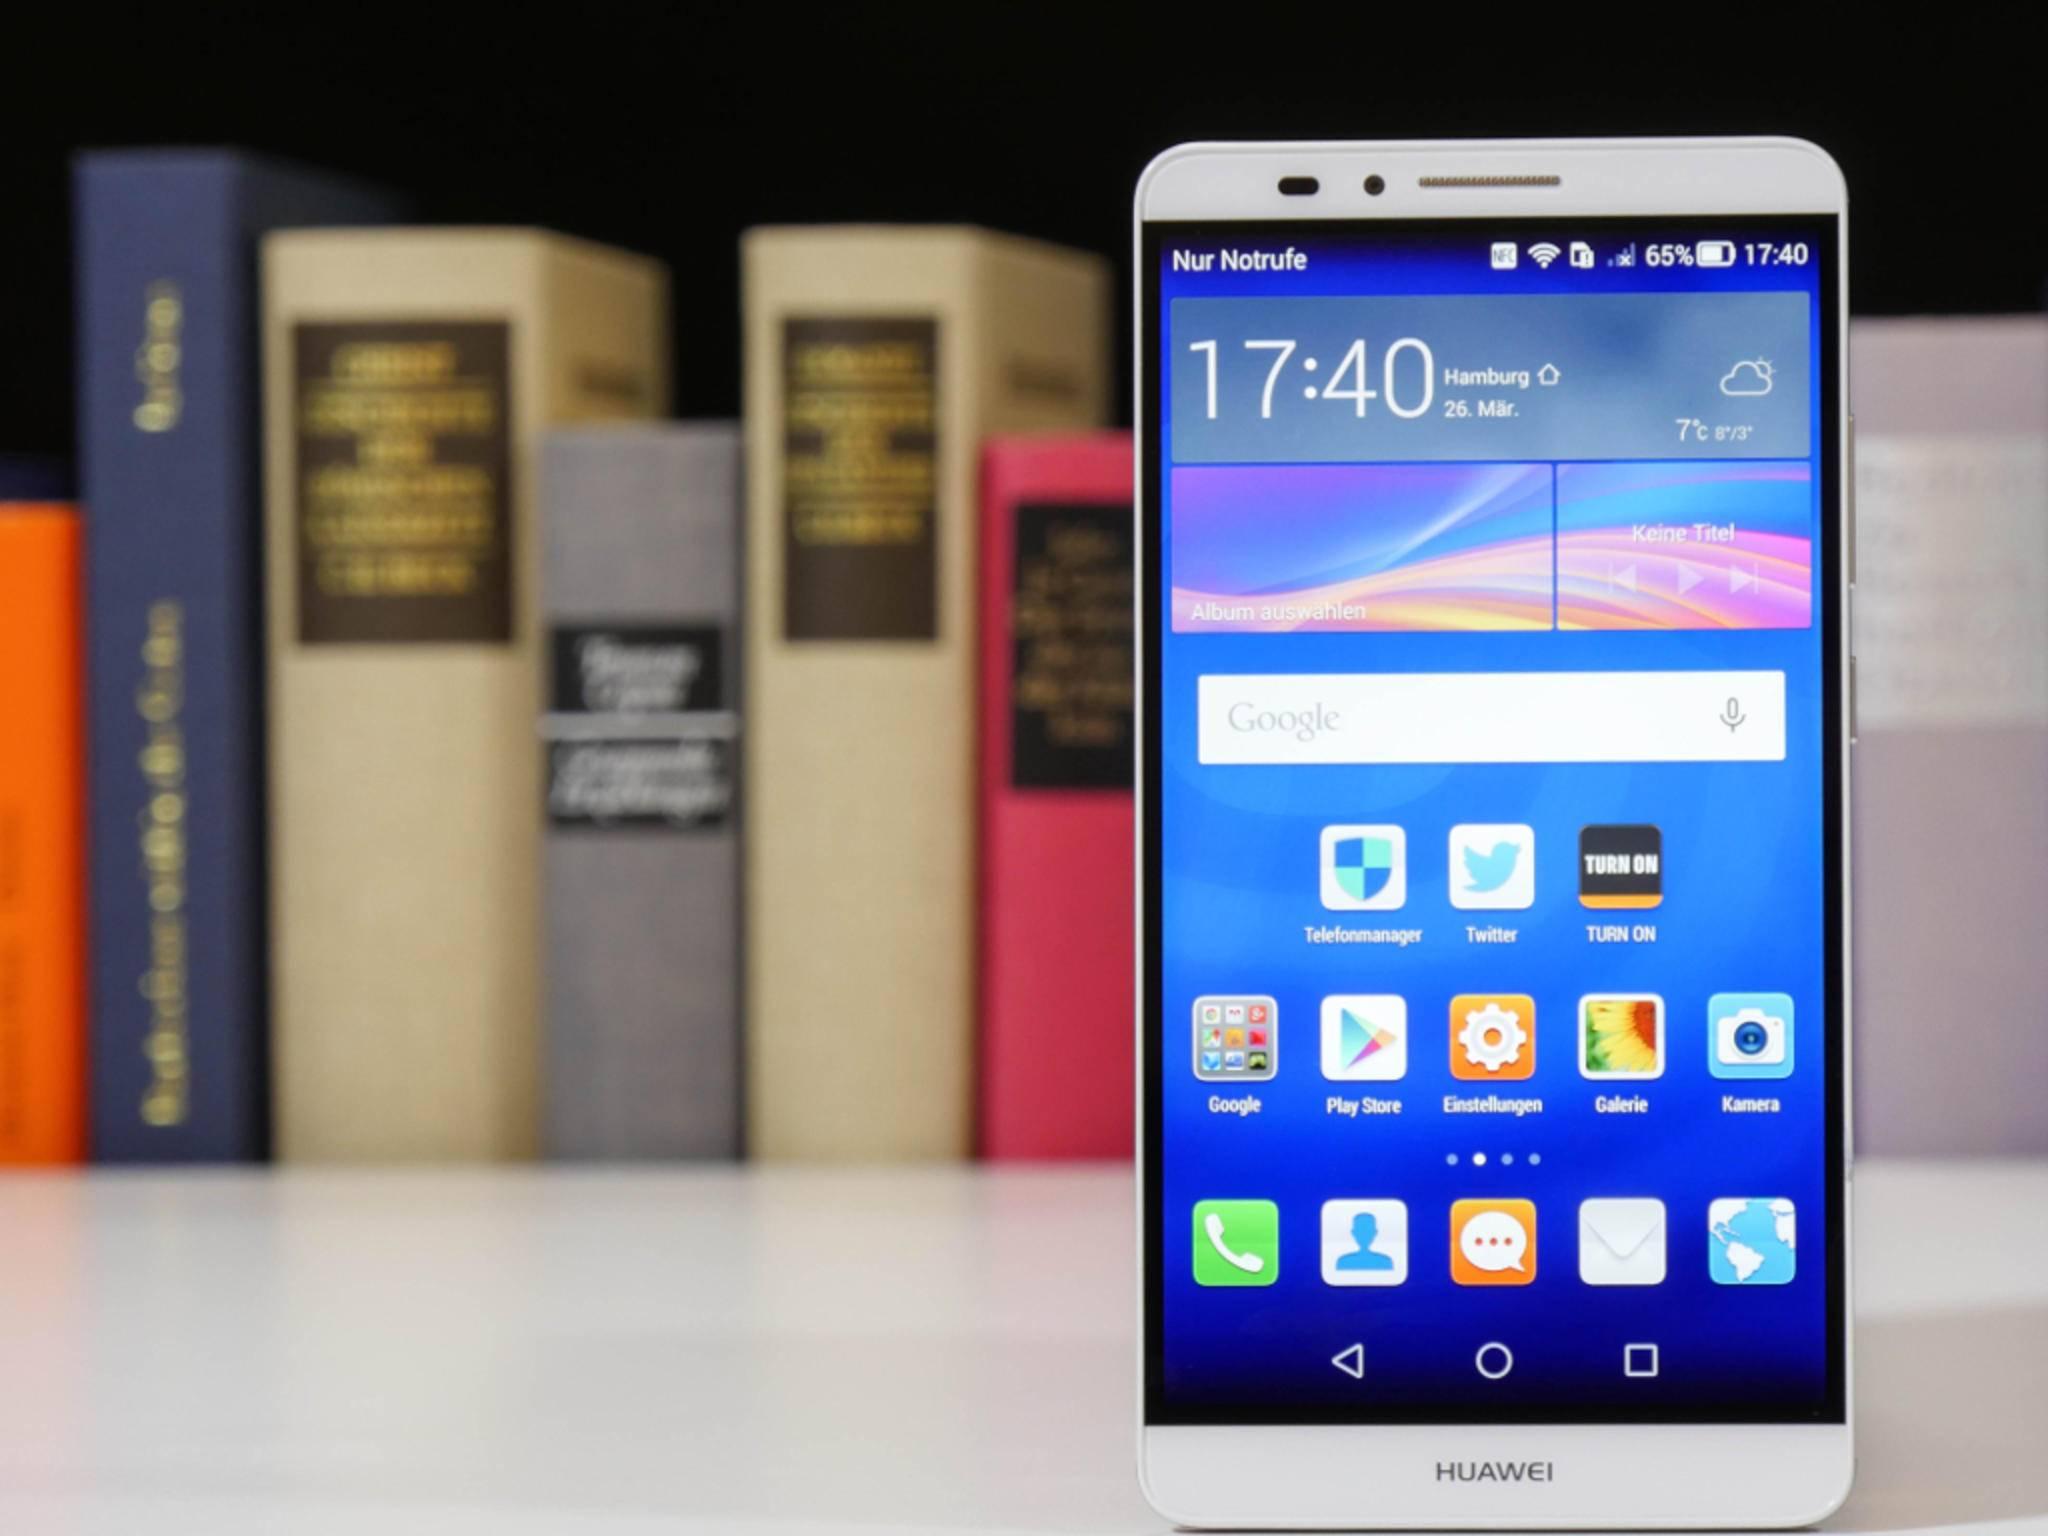 Ob das Nexus-Phone von Huawei dem Ascend Mate 7 ähnelt?